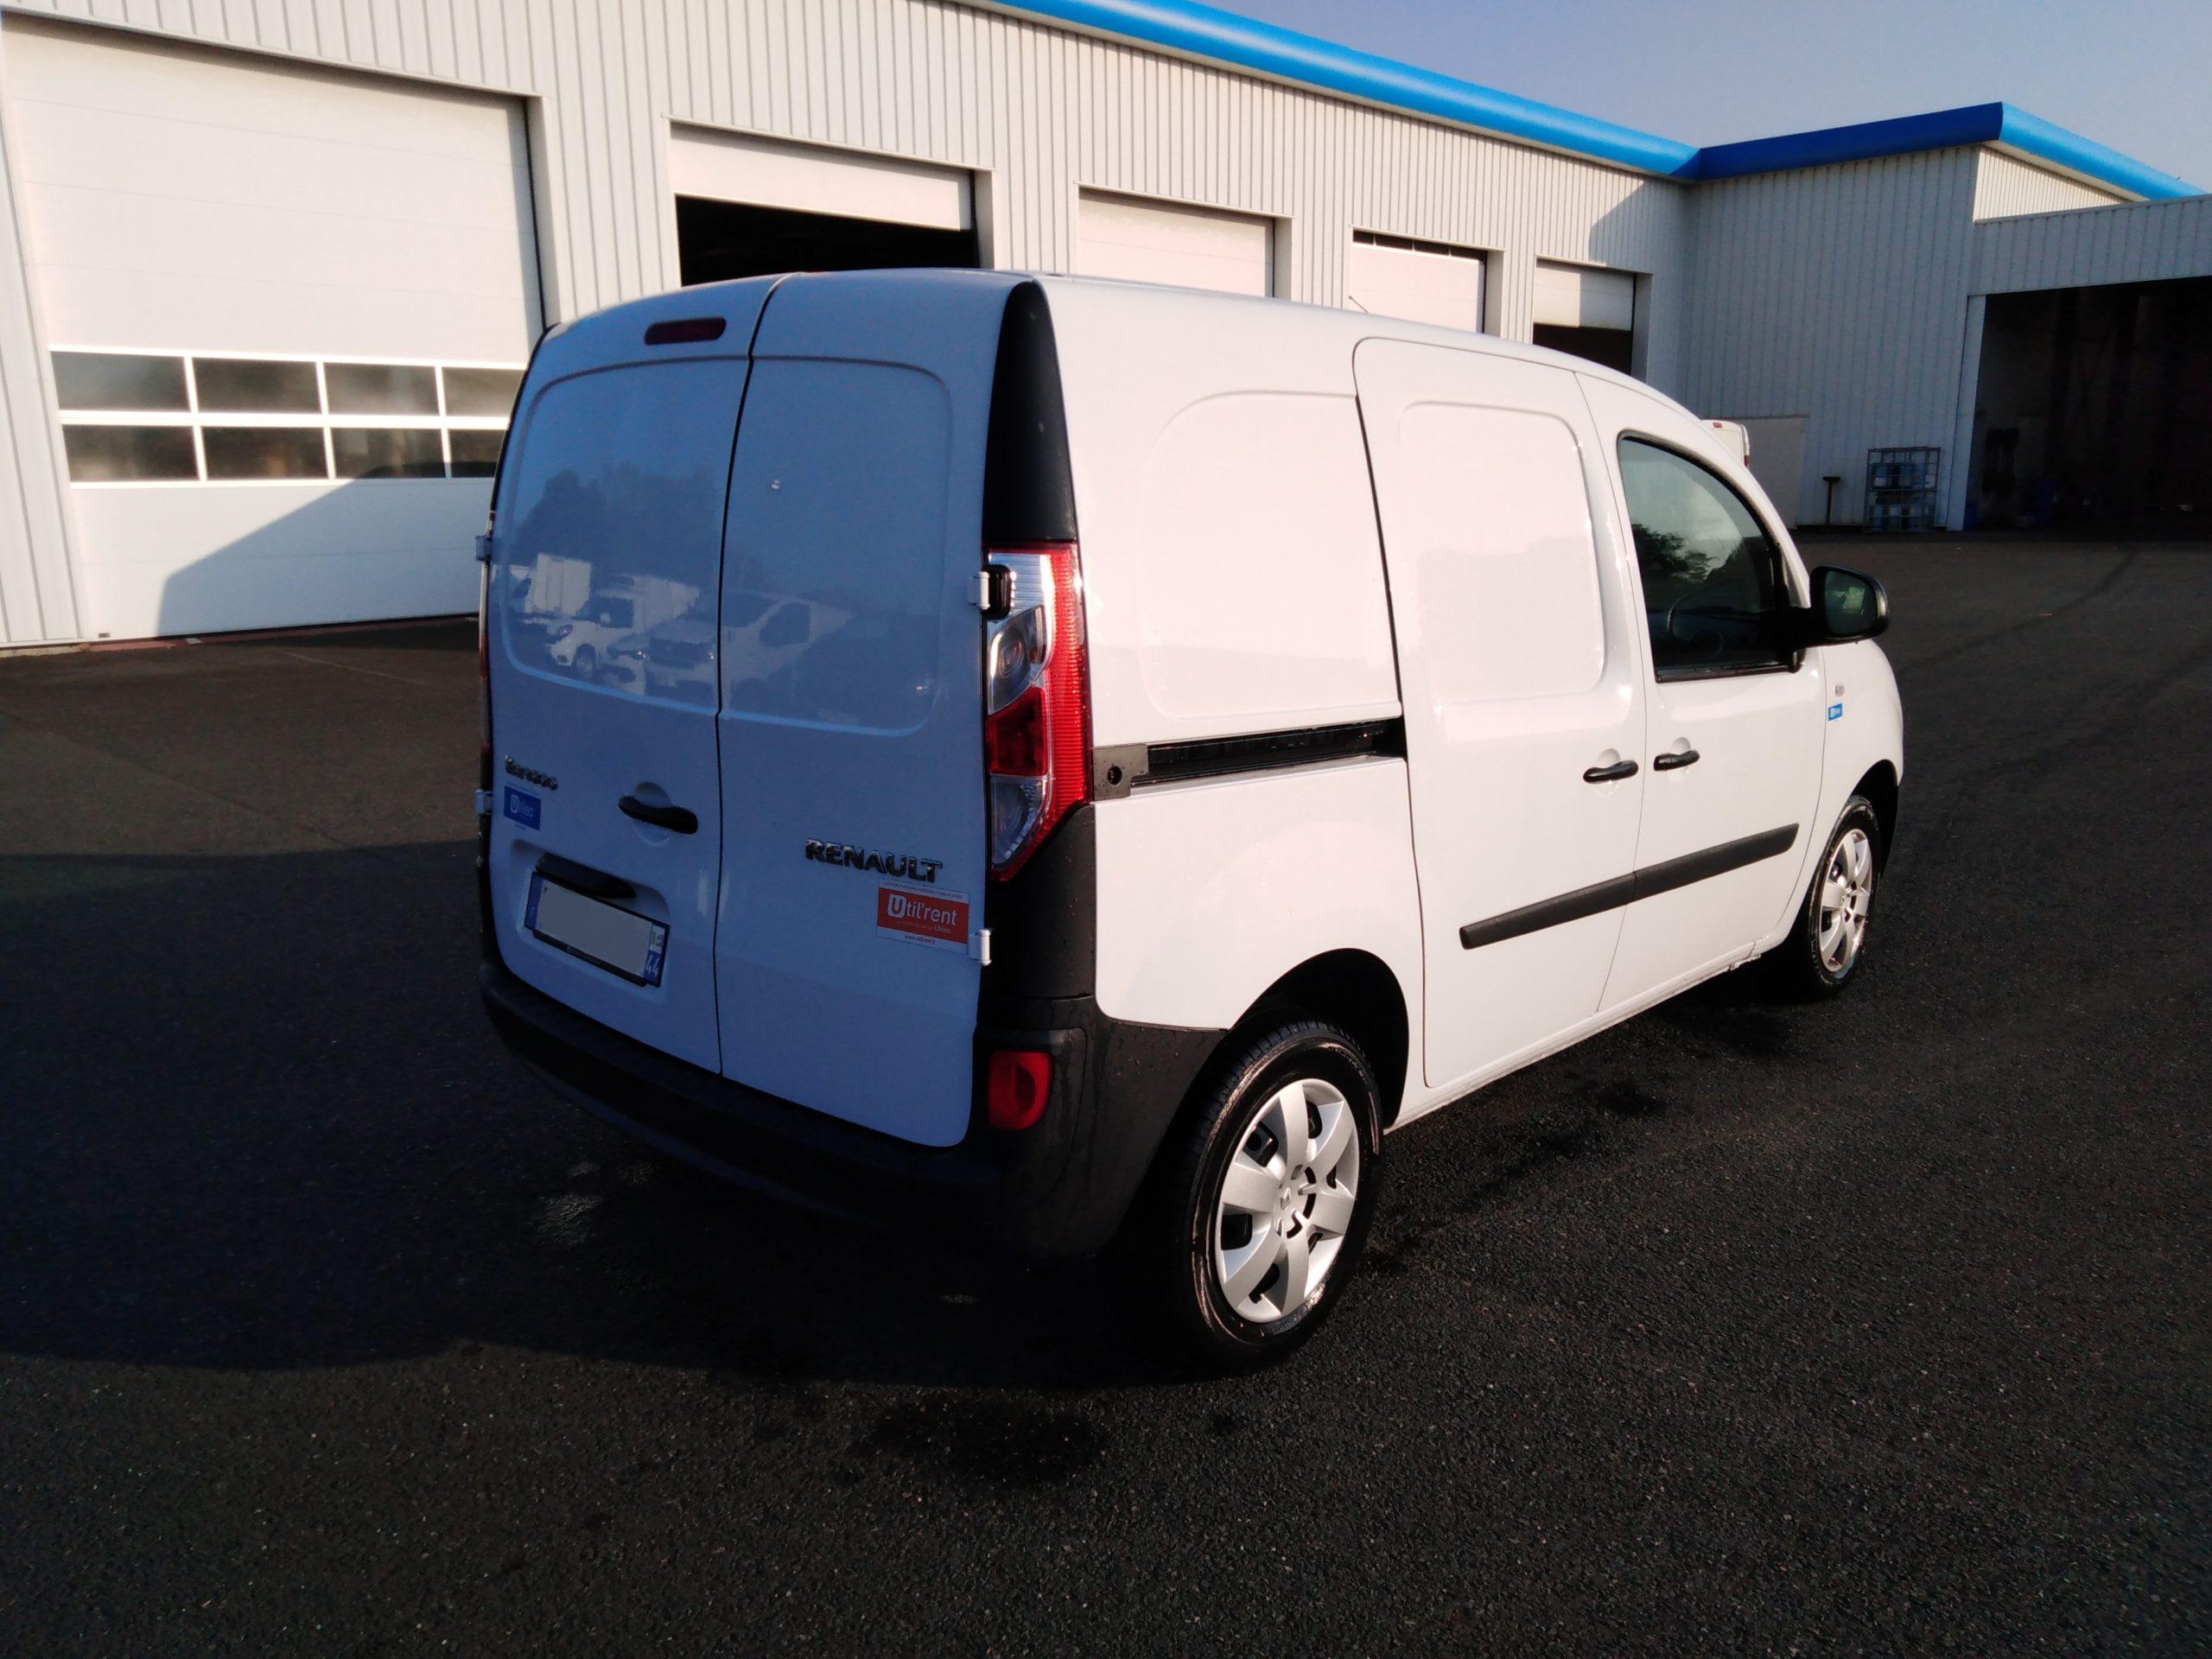 Location d'un utilitaire fourgonnette - Renault Kangoo L1H1-L2H1 3m3 - Vue2